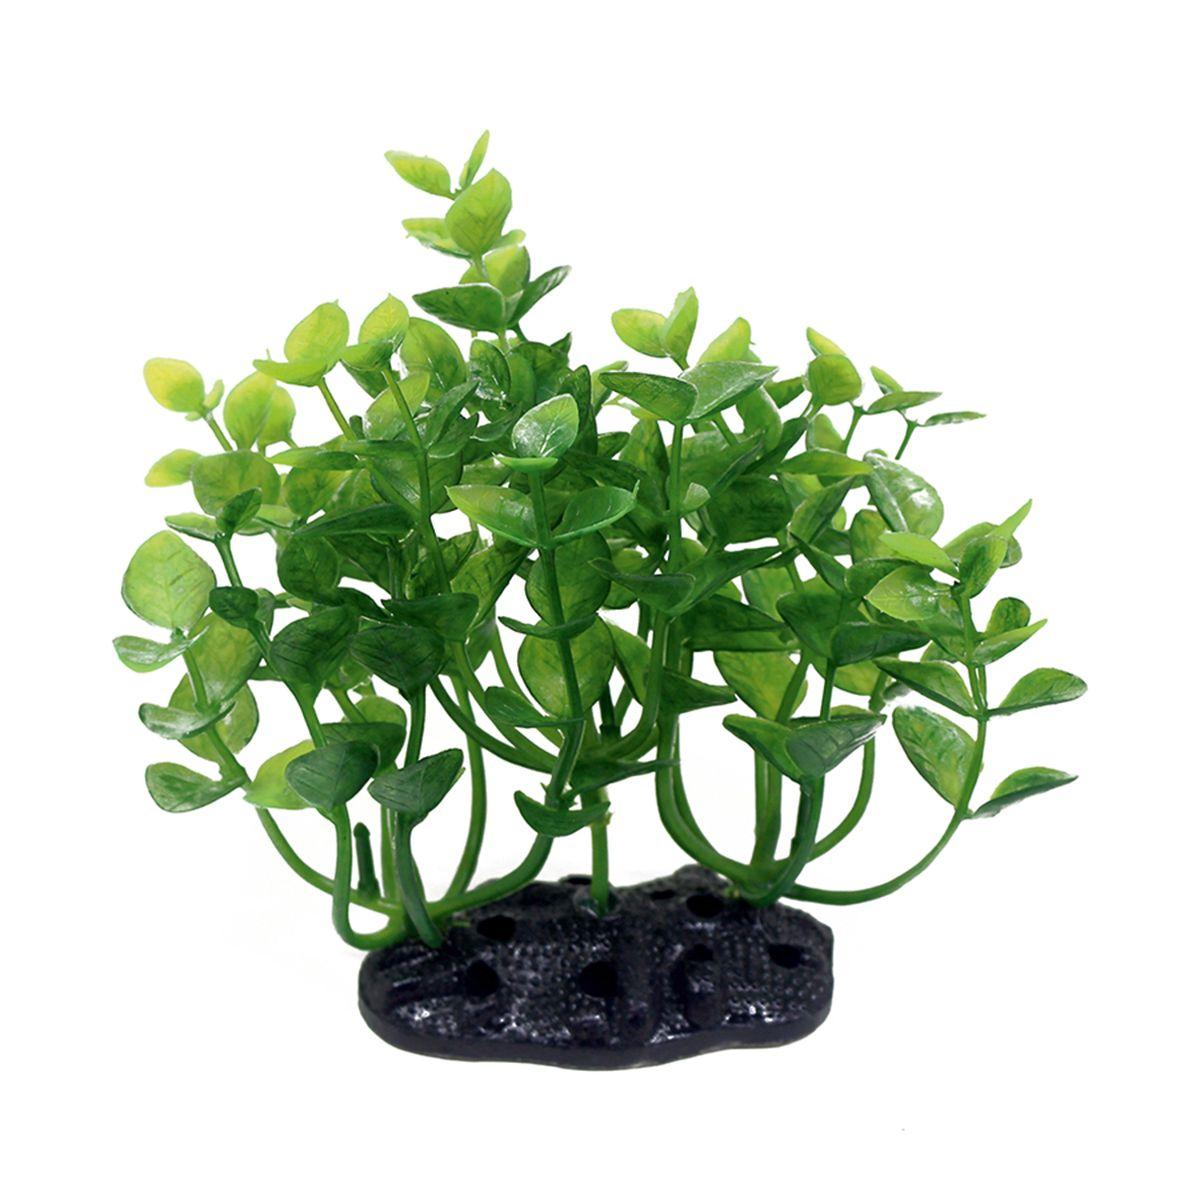 Растение для аквариума ArtUniq Бакопа монье, высота 10-12 см0120710Растение для аквариума ArtUniq Бакопа монье, высота 10-12 см